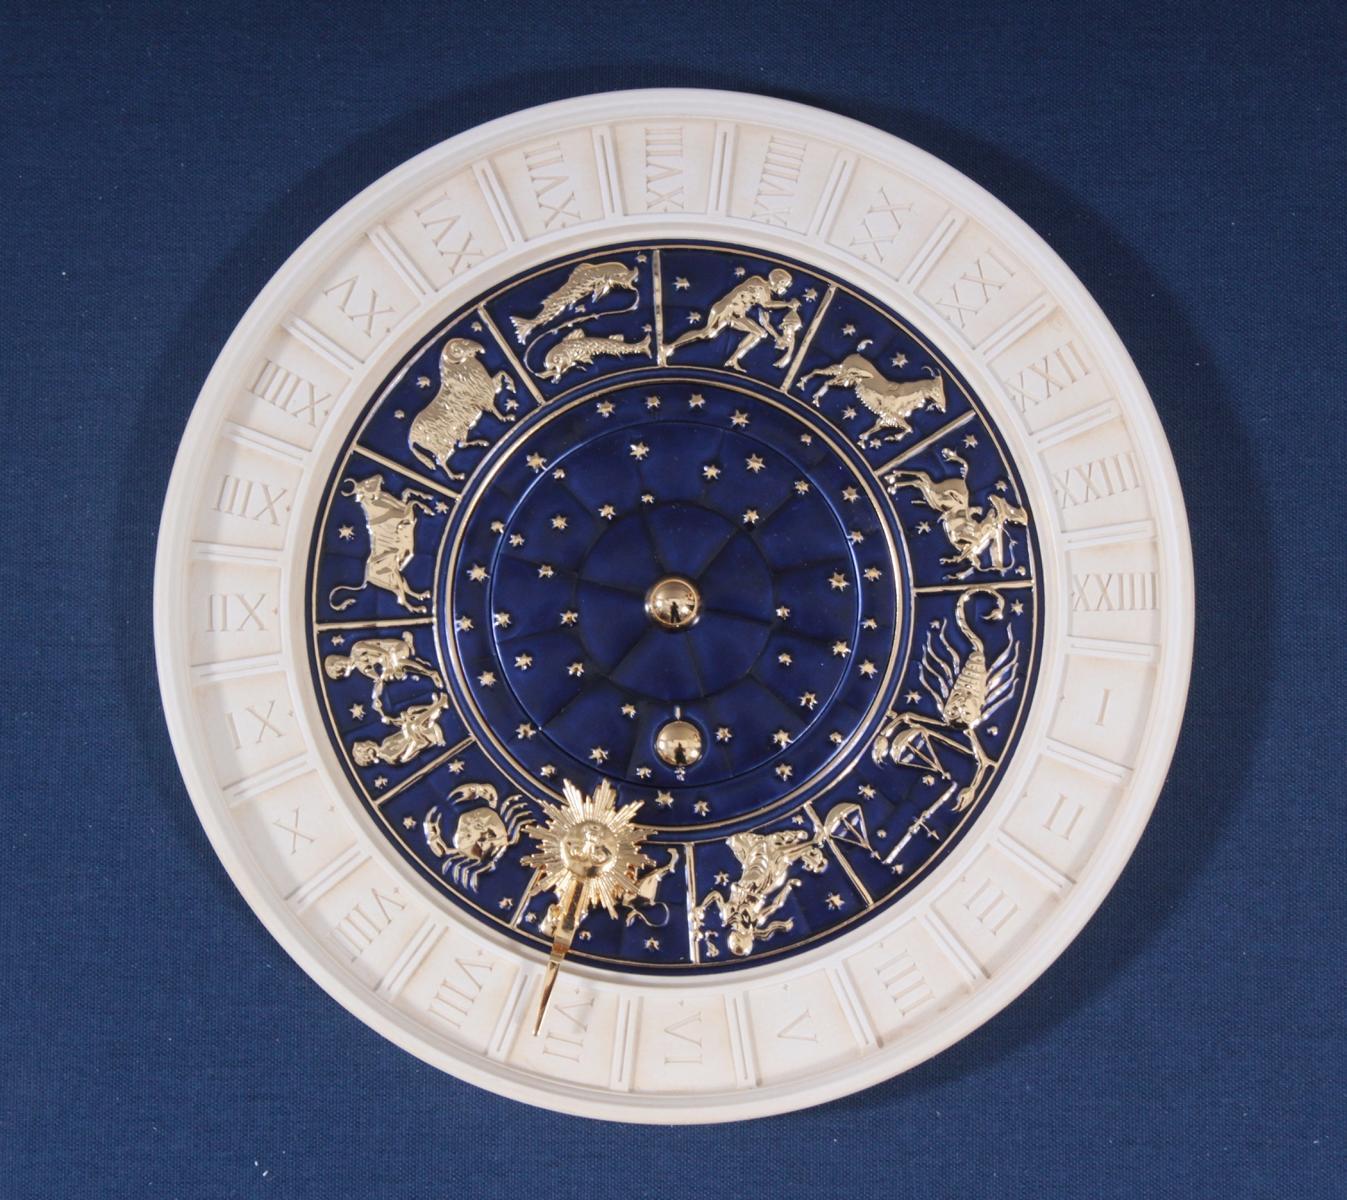 Herrscher des Himmels, Faksimile, Coron Exclusiv Ausgabe-3